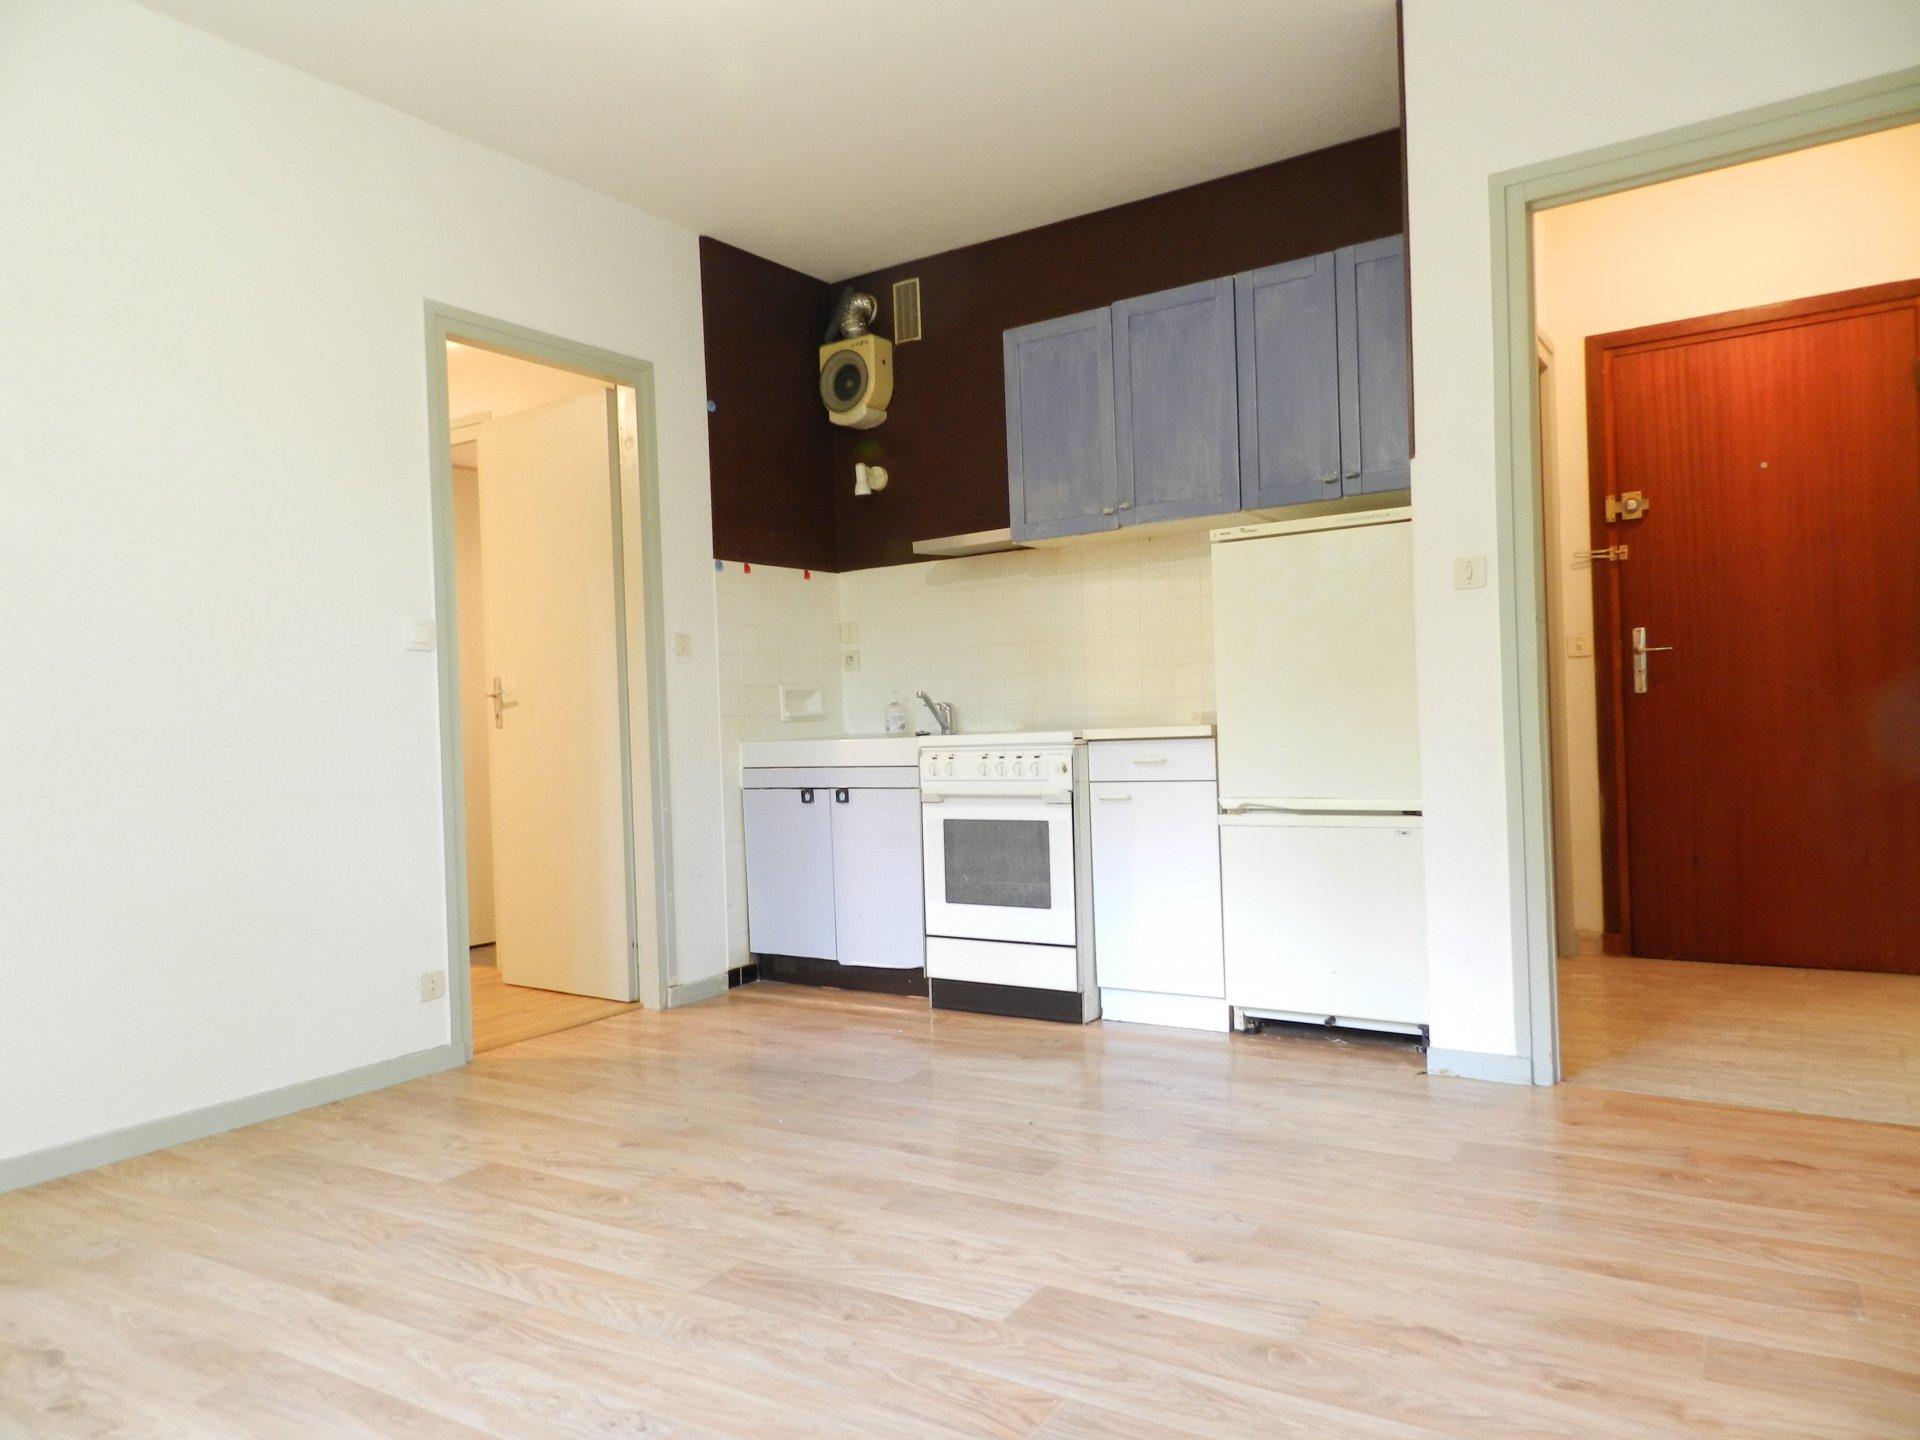 Vente Appartement - Jacob-Bellecombette